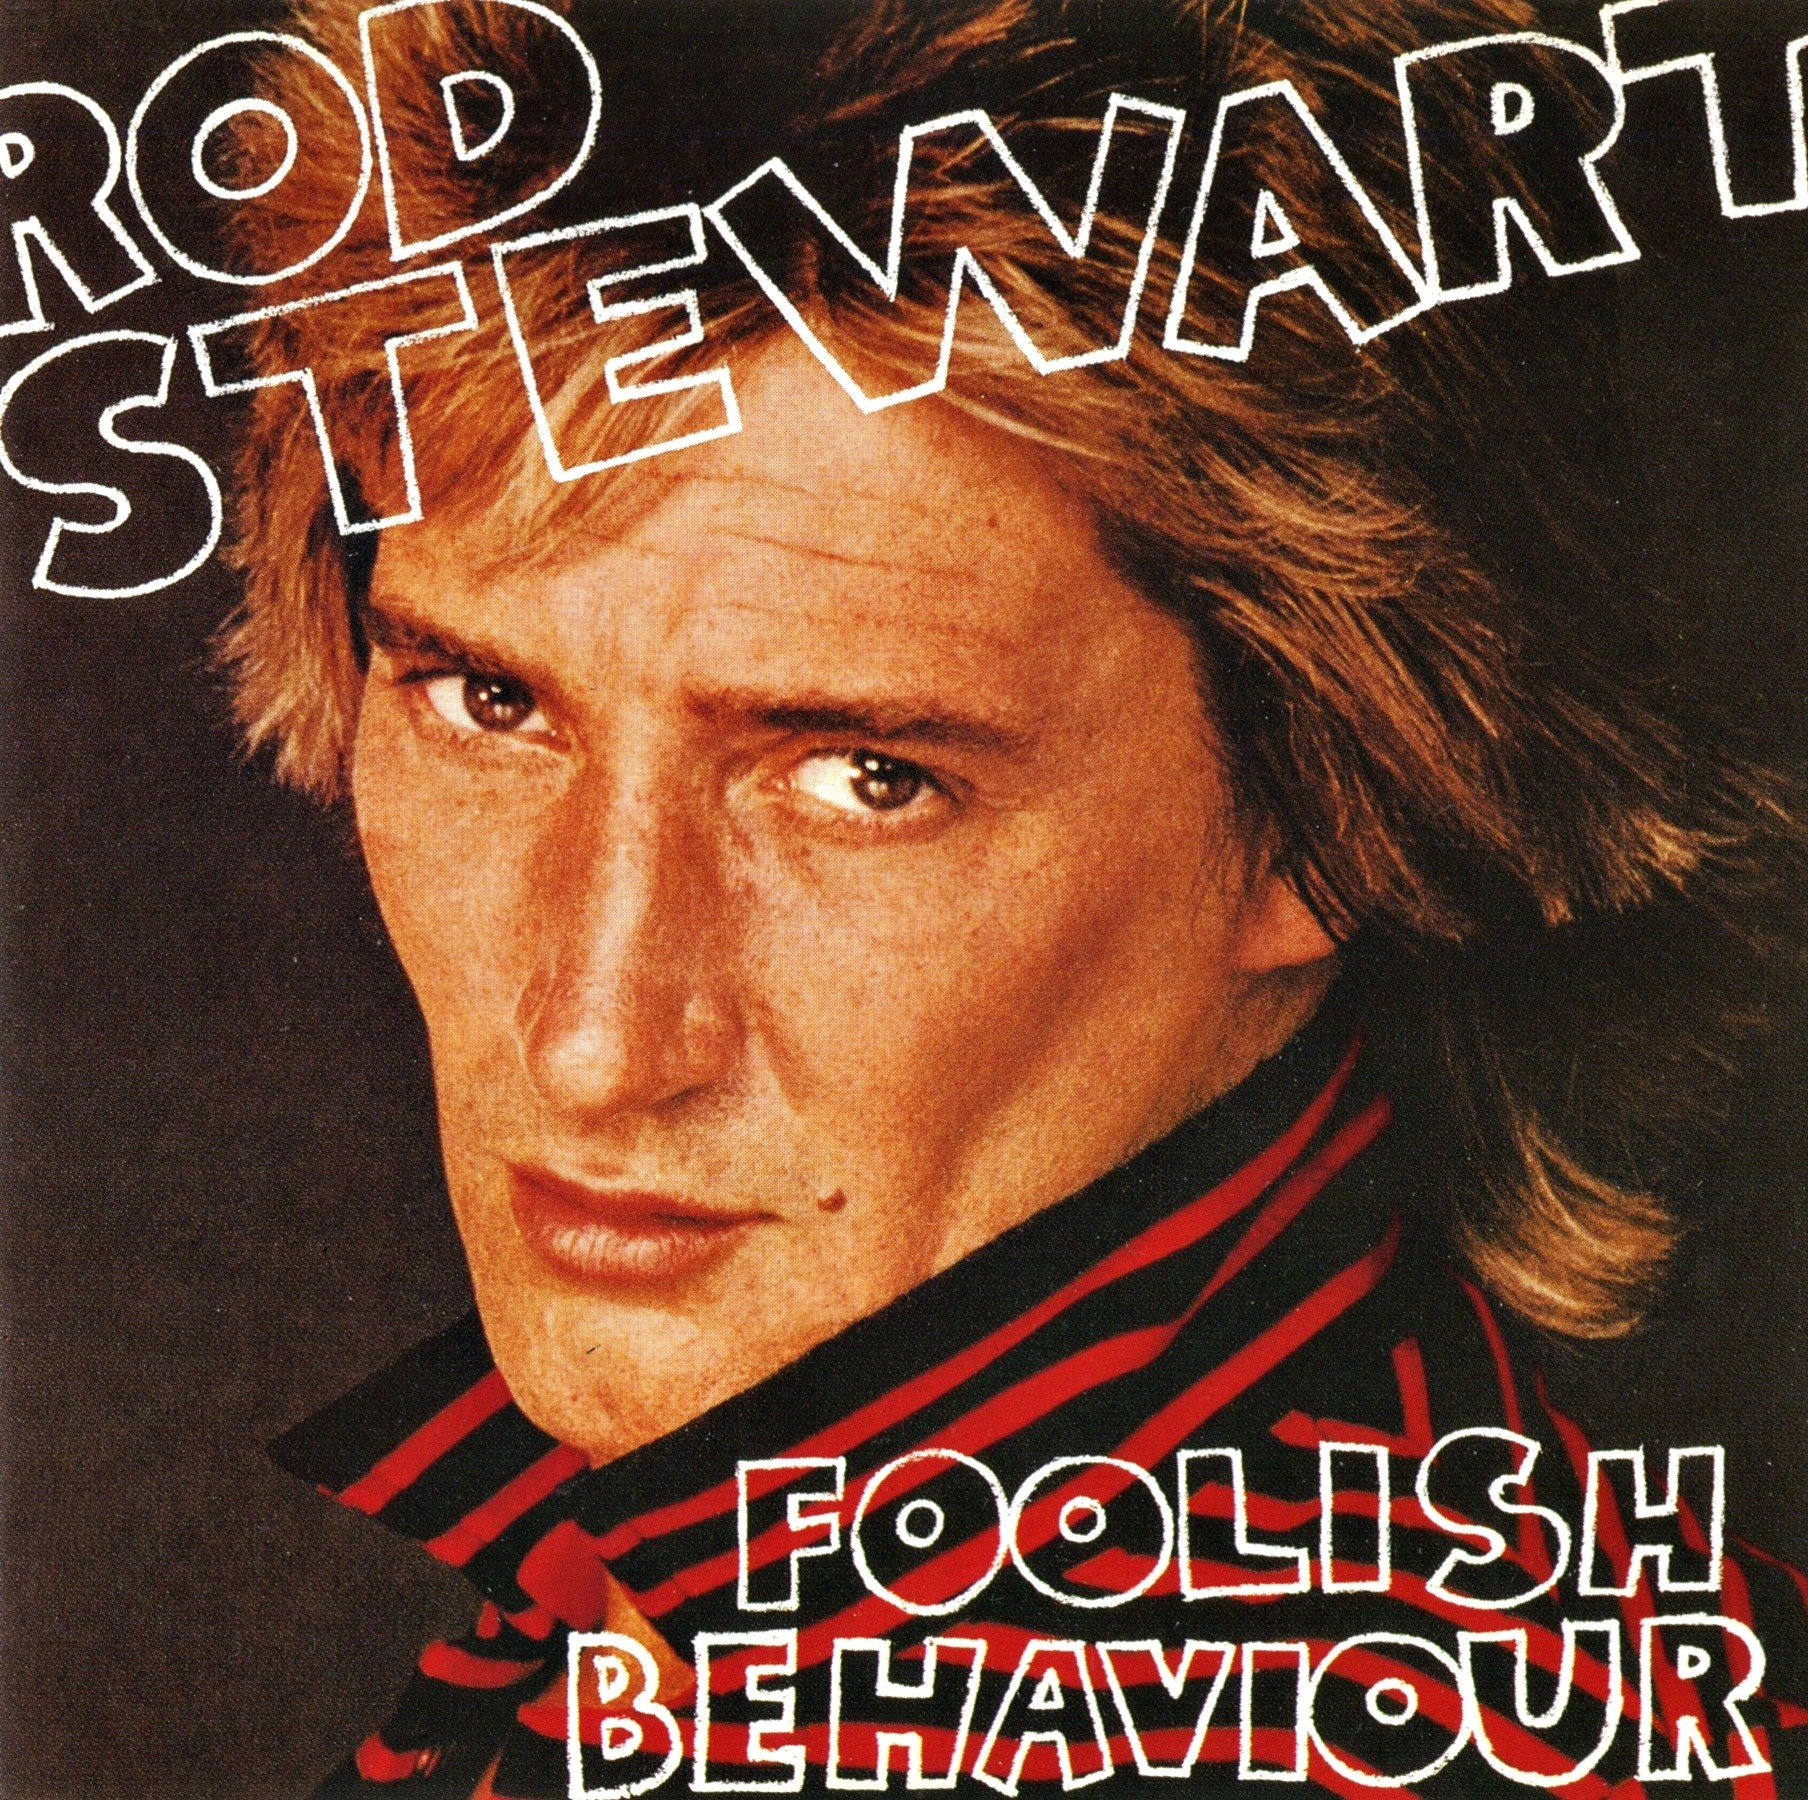 Rod Stewart - Passion